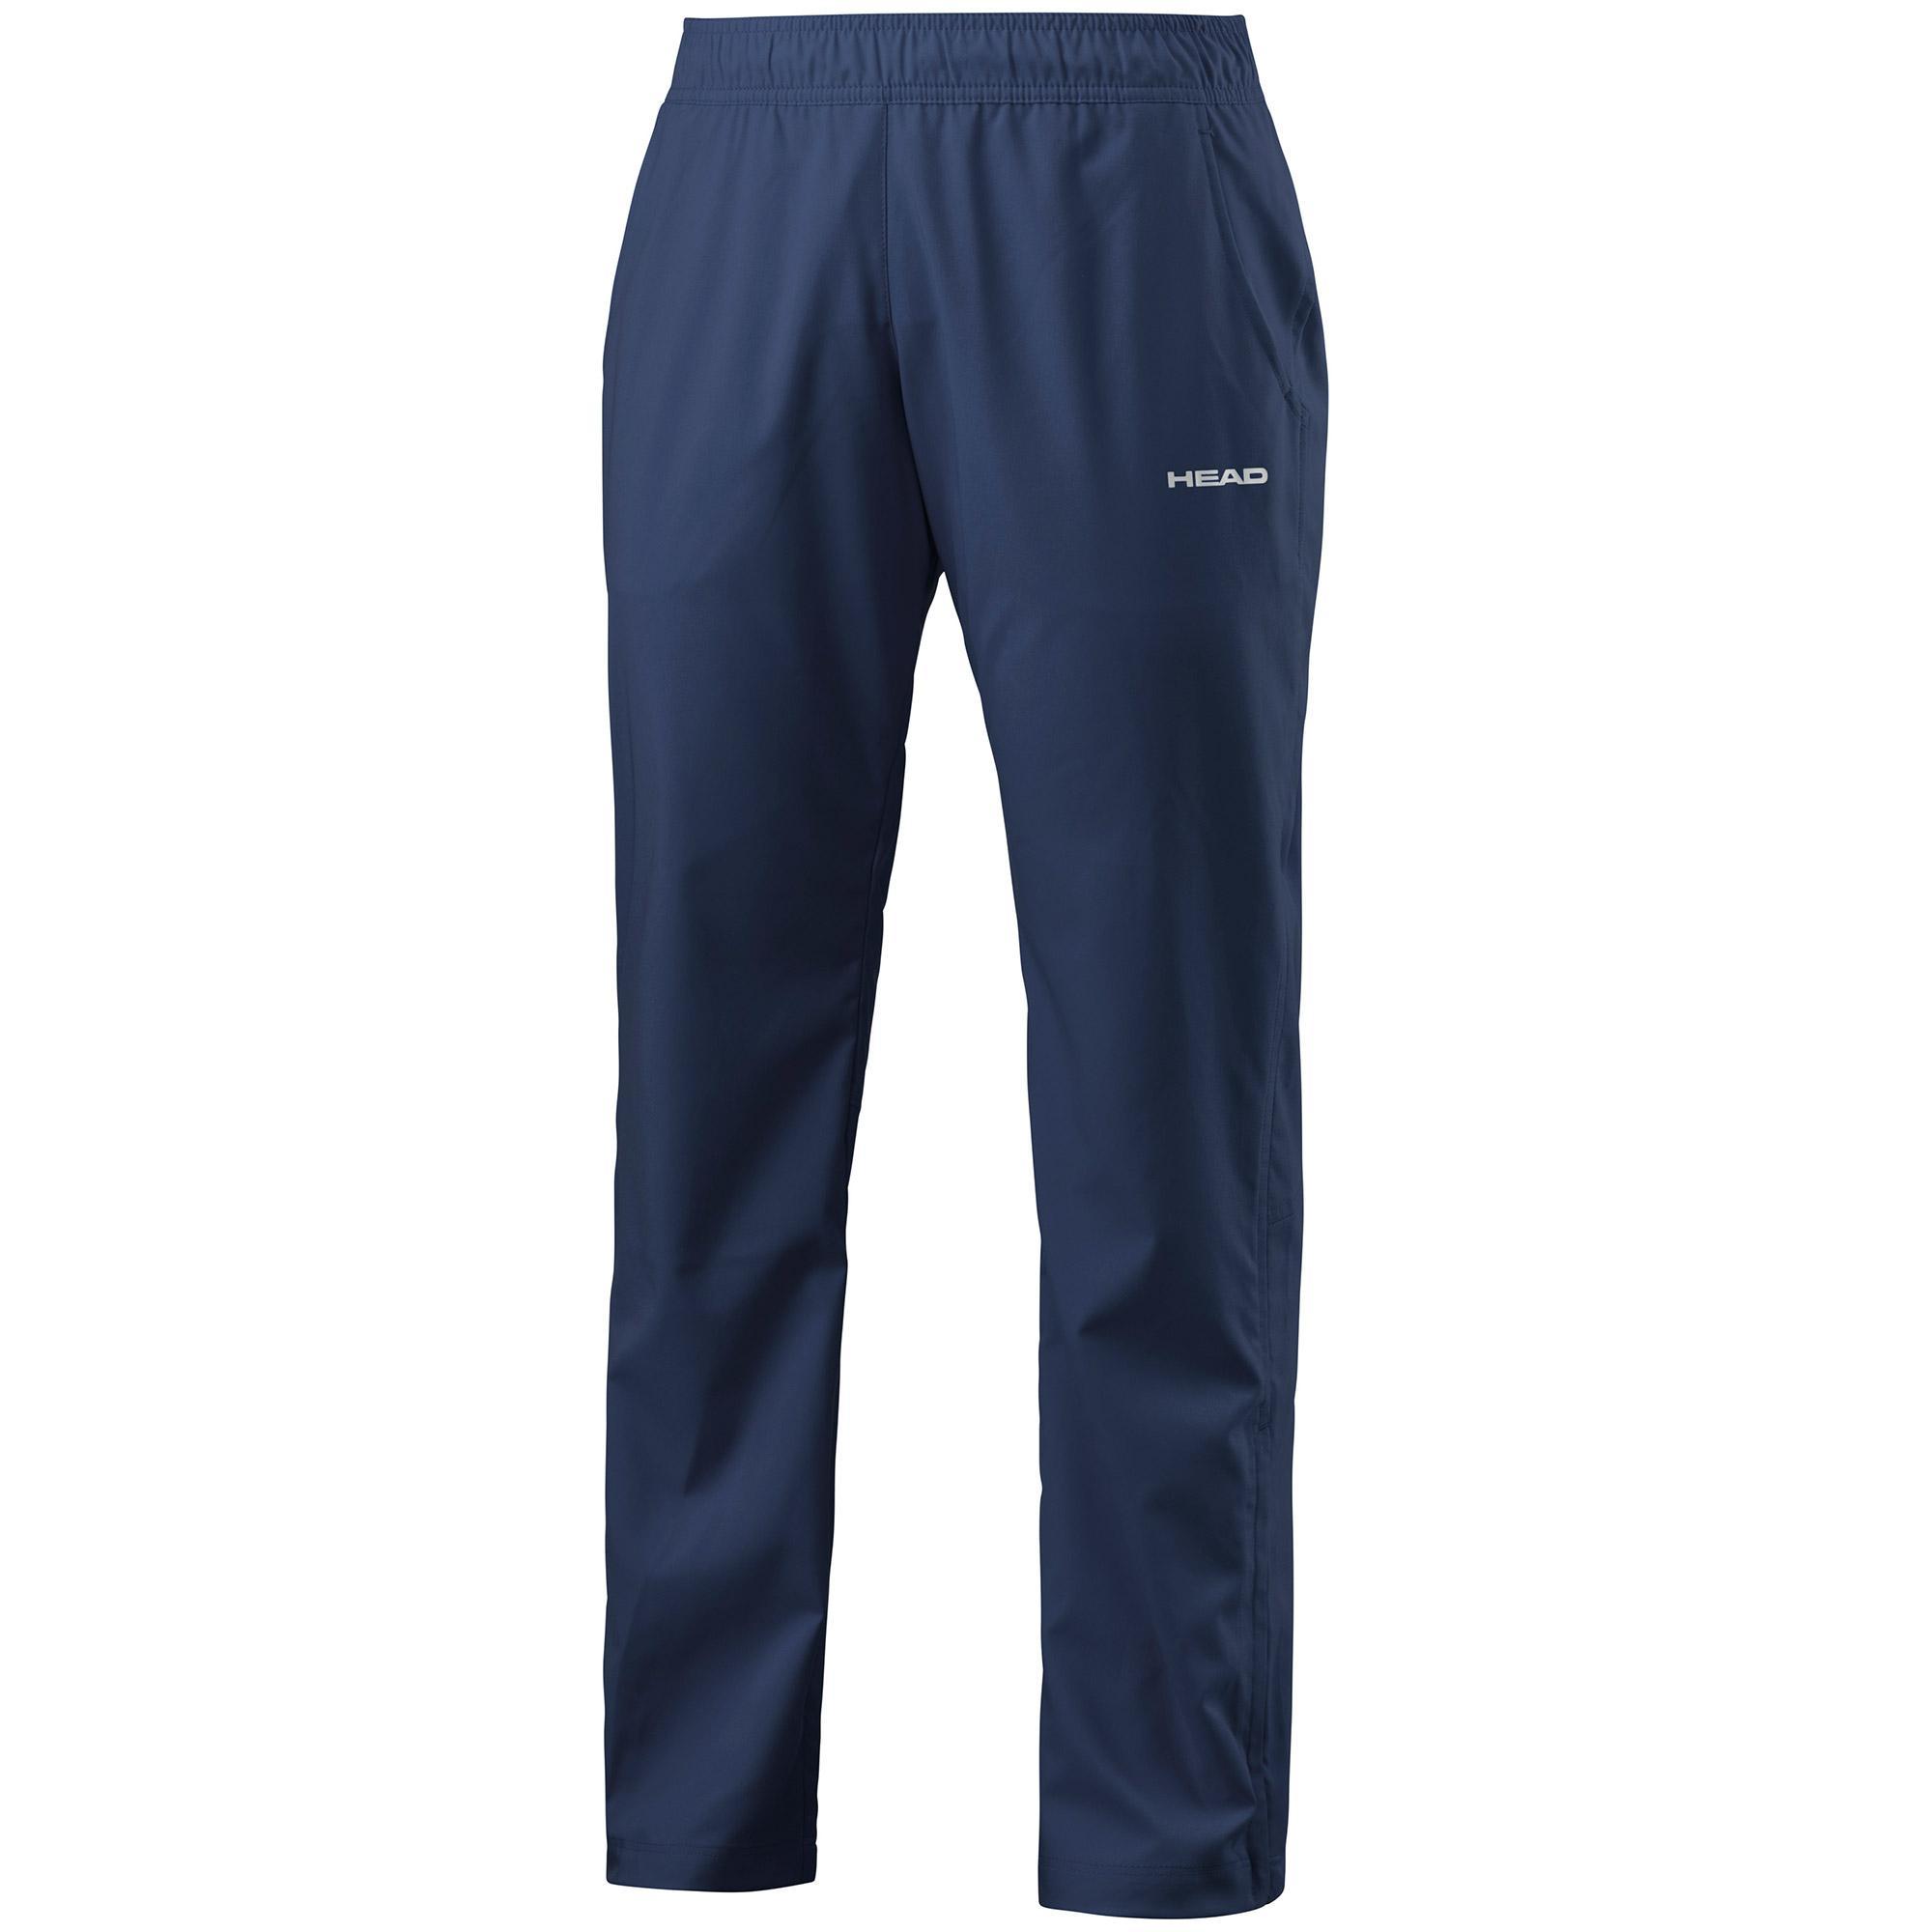 Head Club Pantalone Navy Bambino